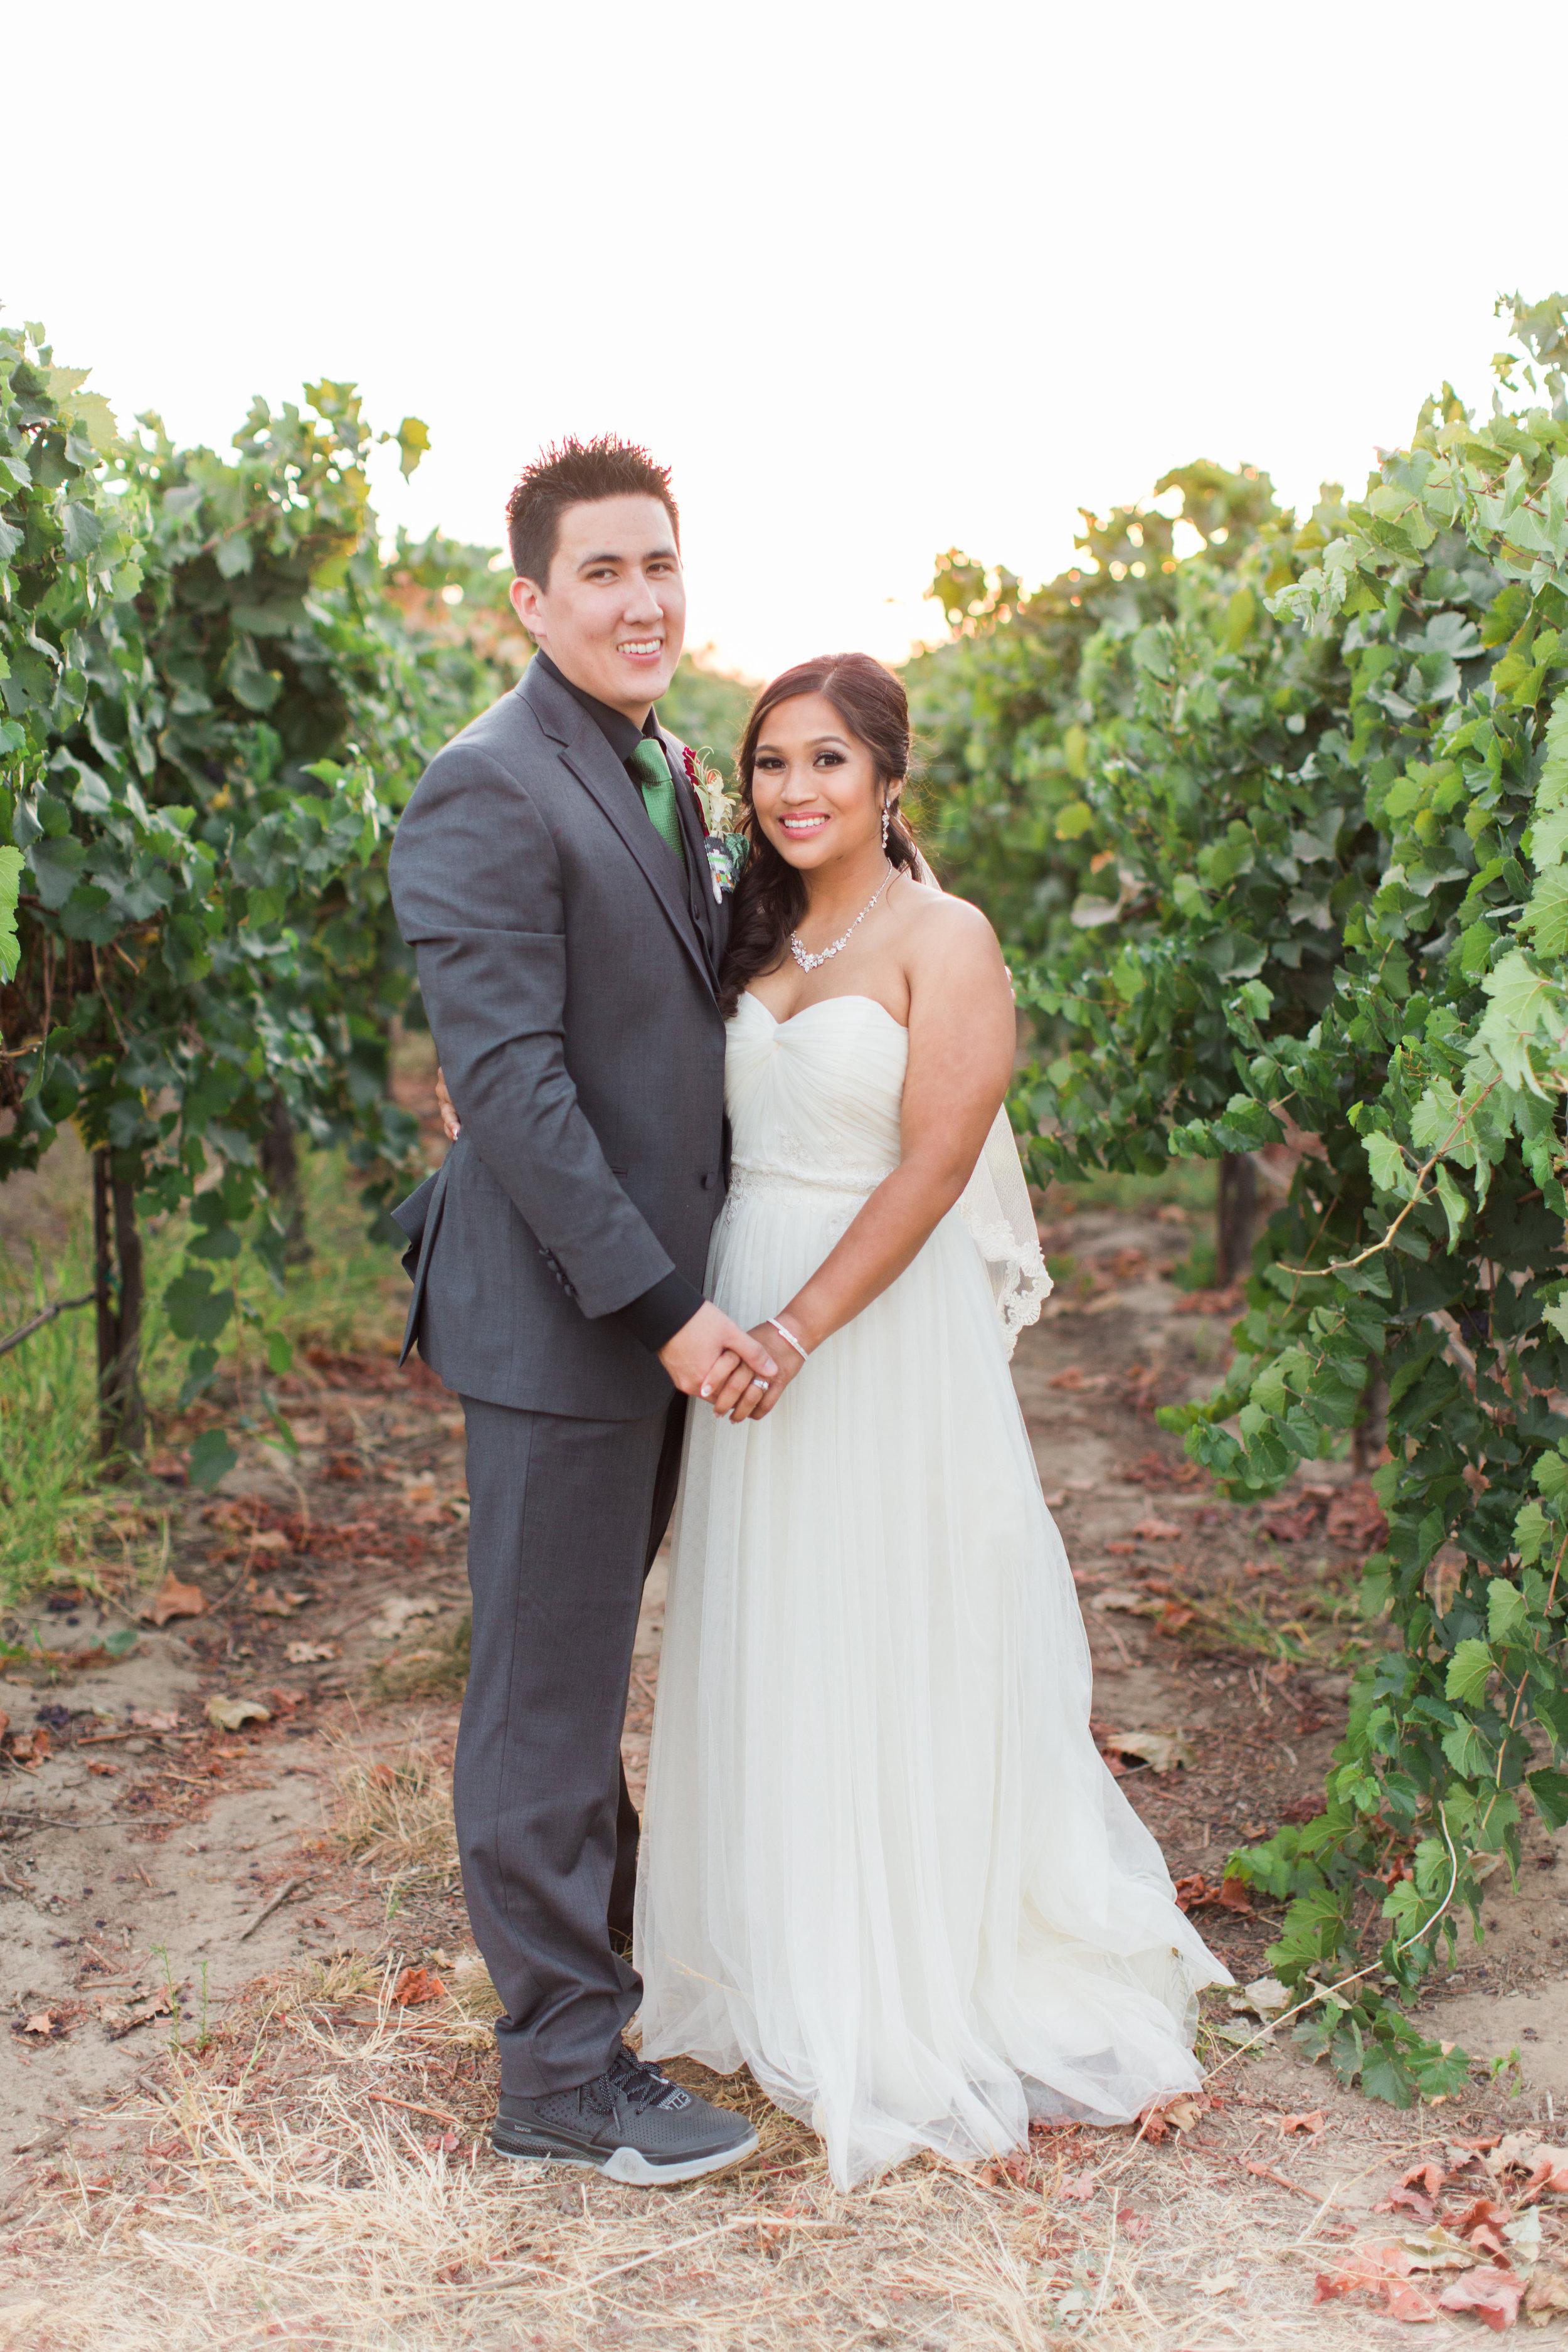 Mettler-family-vineyards-wedding-lodi-california-7657.jpg